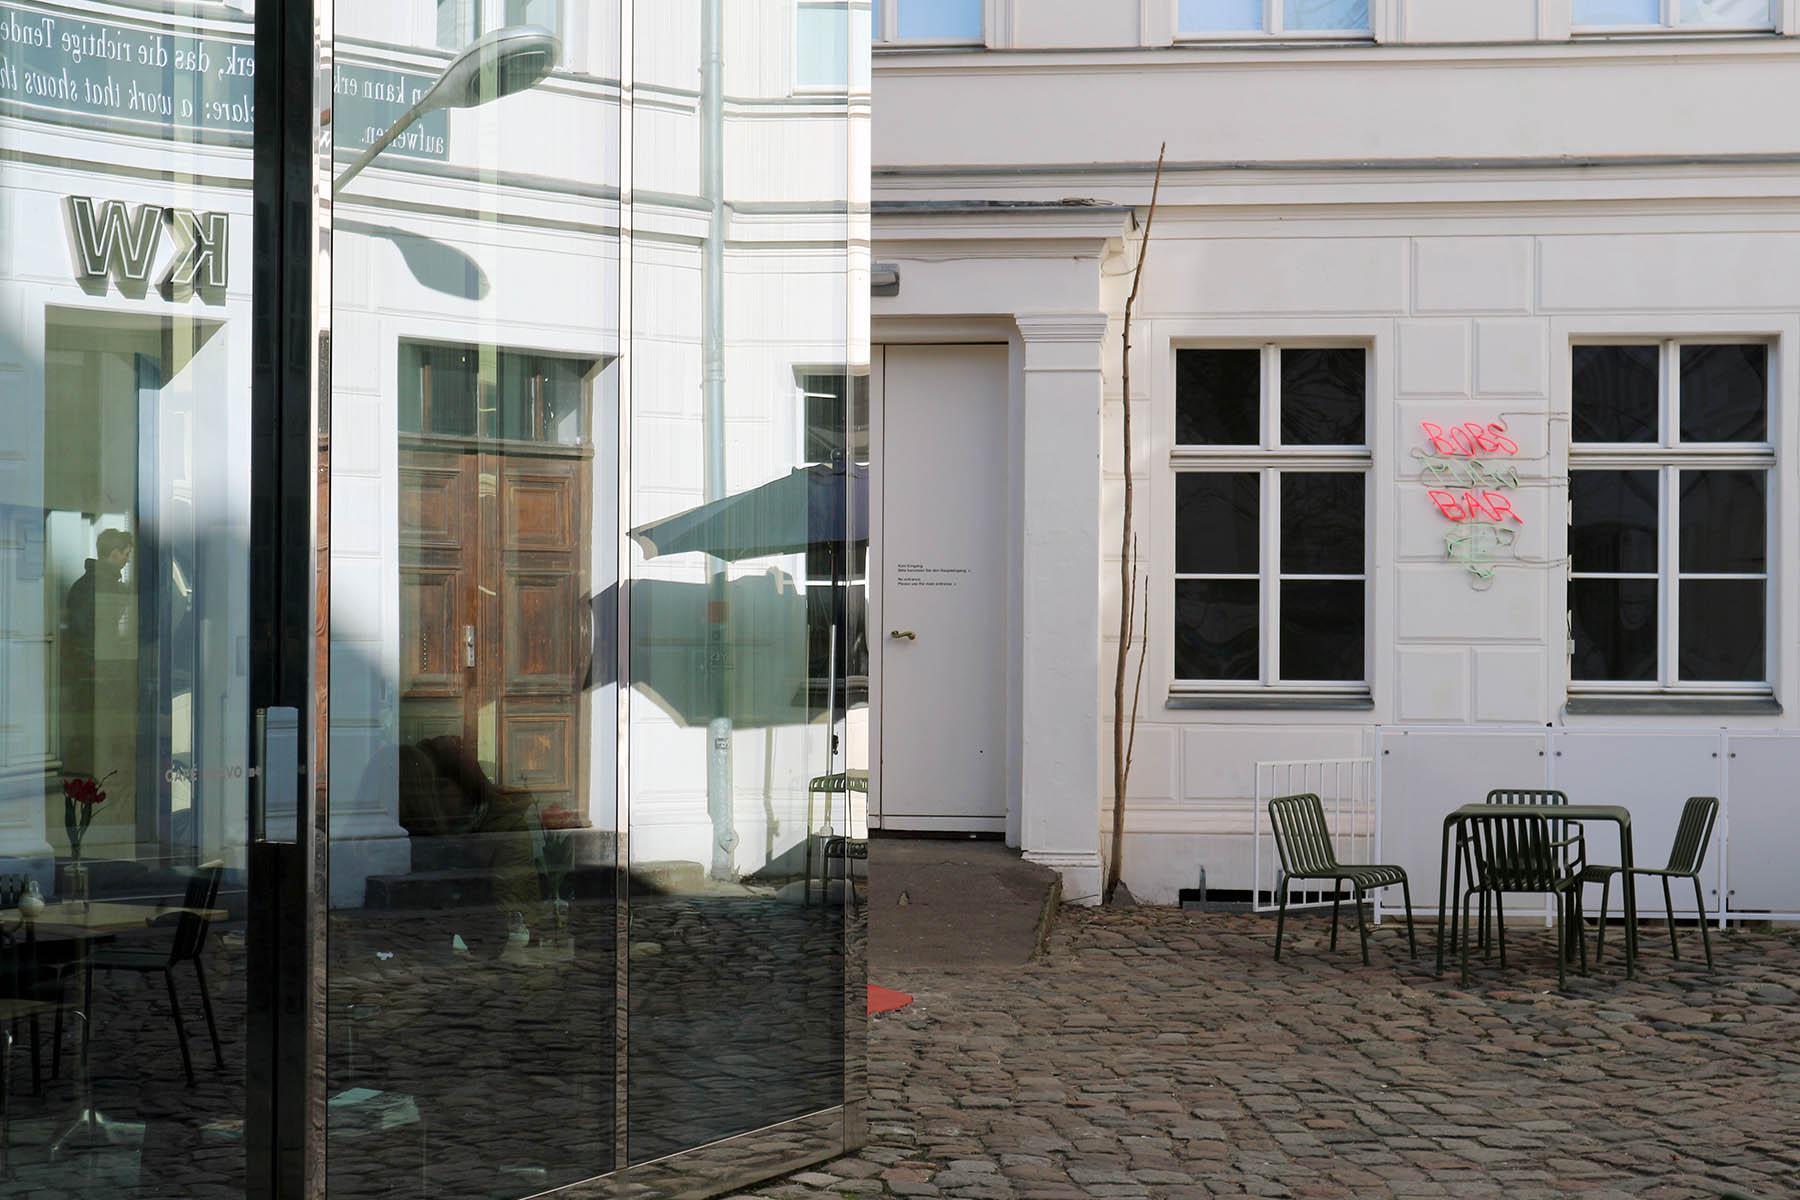 KW. Heute zählen sie zu den etabliertesten Berliner Orten zeitgenössischer Kunst. Das spiegelnde Café Bravo im Innenhof konzipierte der amerikanische Bildhauer, Konzept- und Videokünstler Dan Graham.